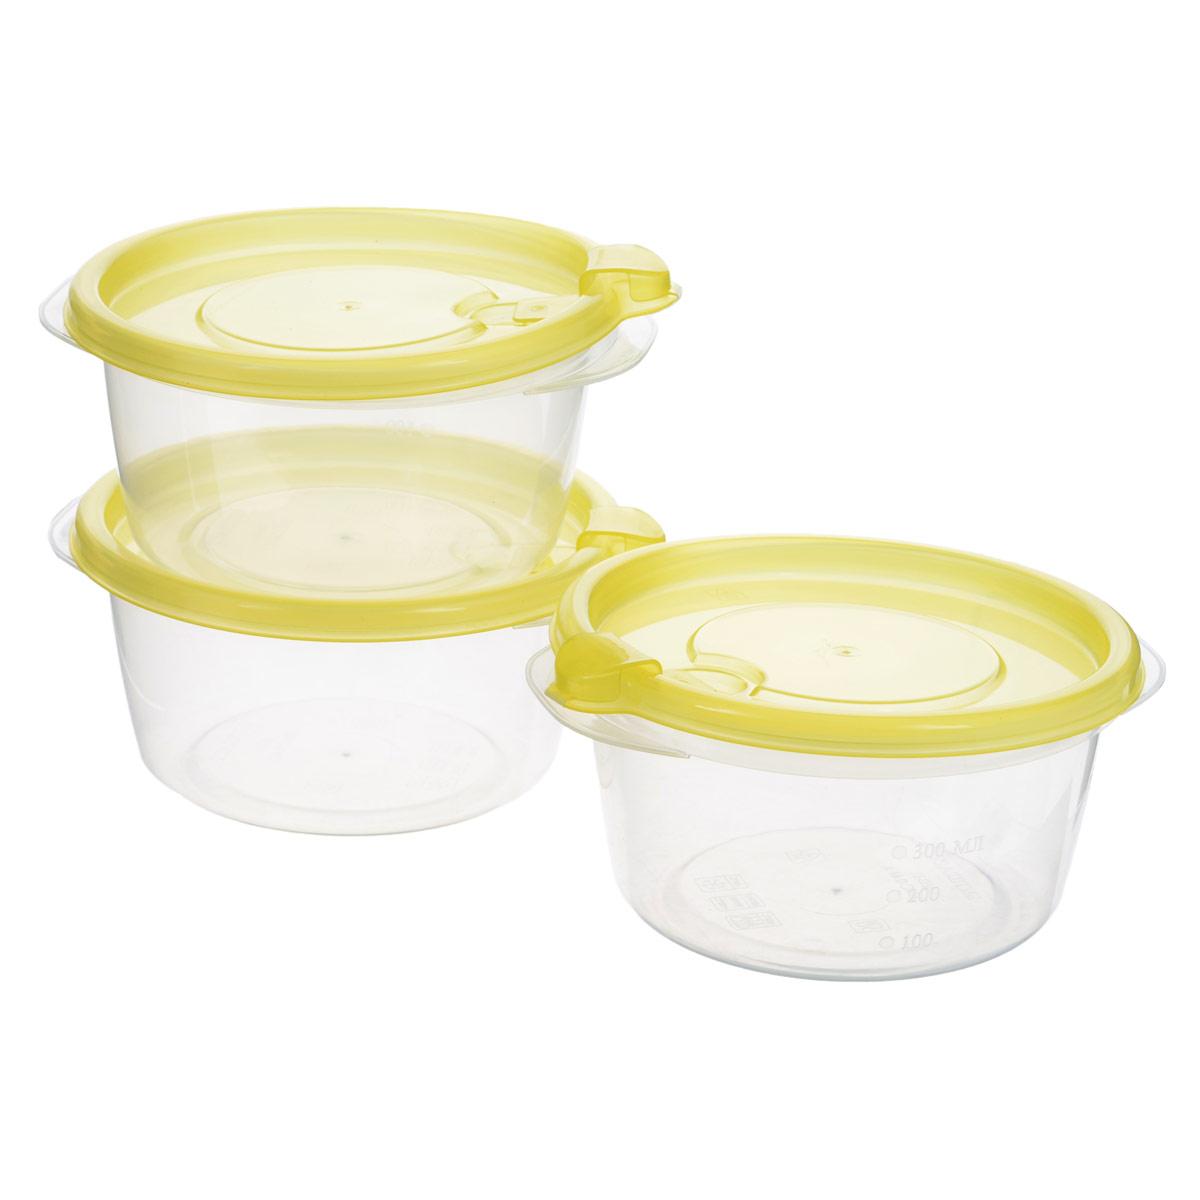 Комплект контейнеров для хранения продуктов Бытпласт Фрэш, 0,44 л, 3 шт. С11523С11523Контейнеры Бытпласт Фрэш предназначены для хранения пищевых продуктов и не только. Они выполнены из высококачественного полипропилена и не содержат Бисфенол А. Крышка легко и плотно закрывается. Контейнер устойчив к воздействию масел и жиров, легко моется. Подходит для использования в микроволновых печах, выдерживает хранение в морозильной камере при температуре -24 градуса. Пищевые контейнеры необыкновенно удобны: в них можно брать еду на работу, за город, ребенку в школу. Именно поэтому они обретают все большую популярность.